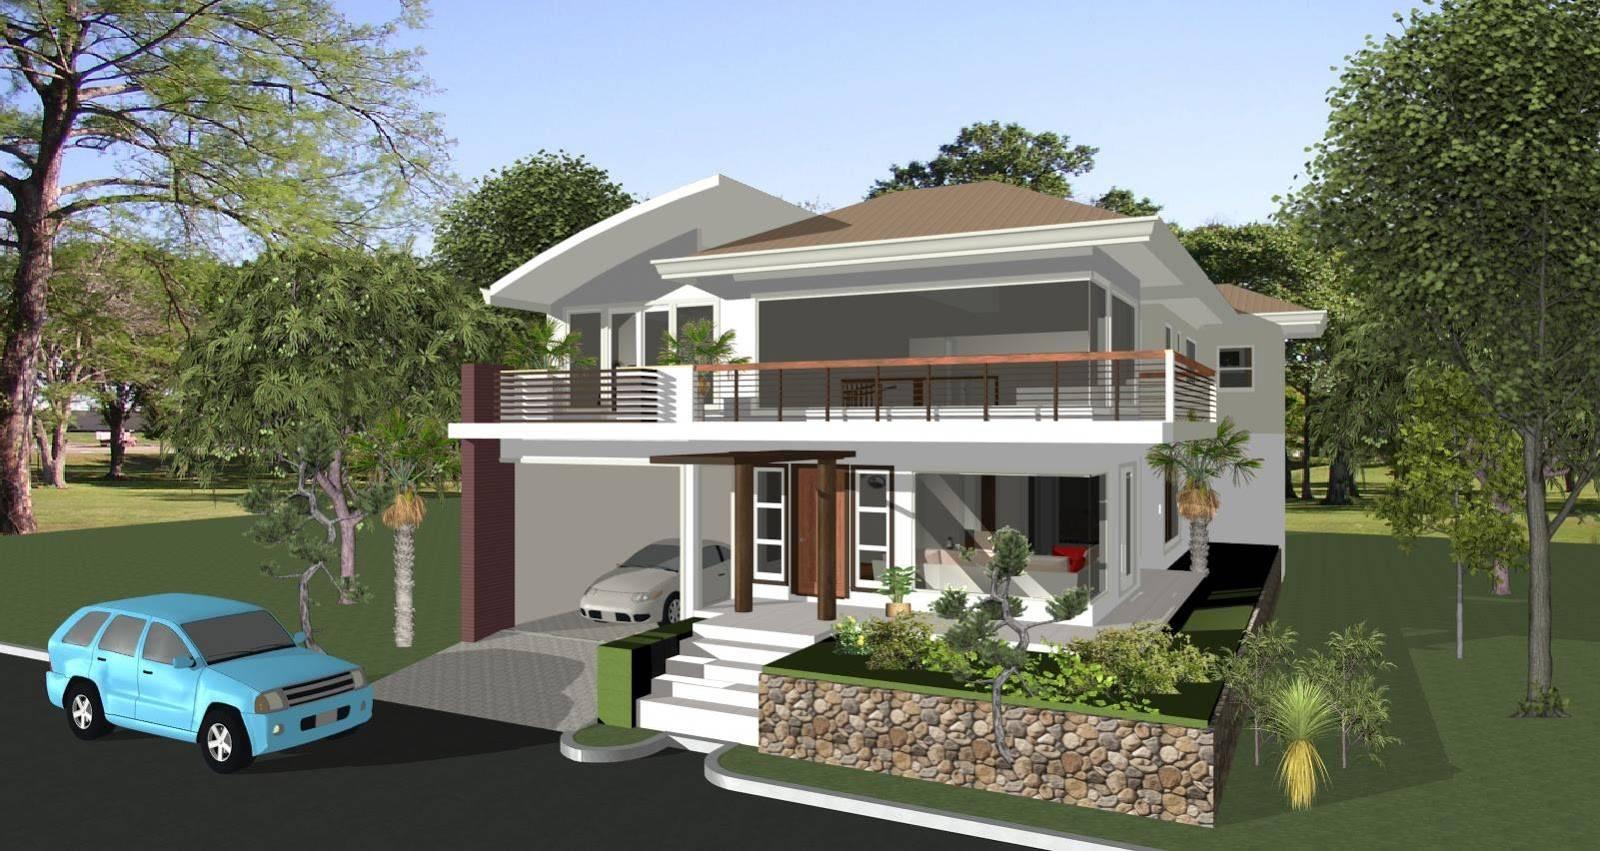 House Designs Iloilo Philippine Home Philippines Design